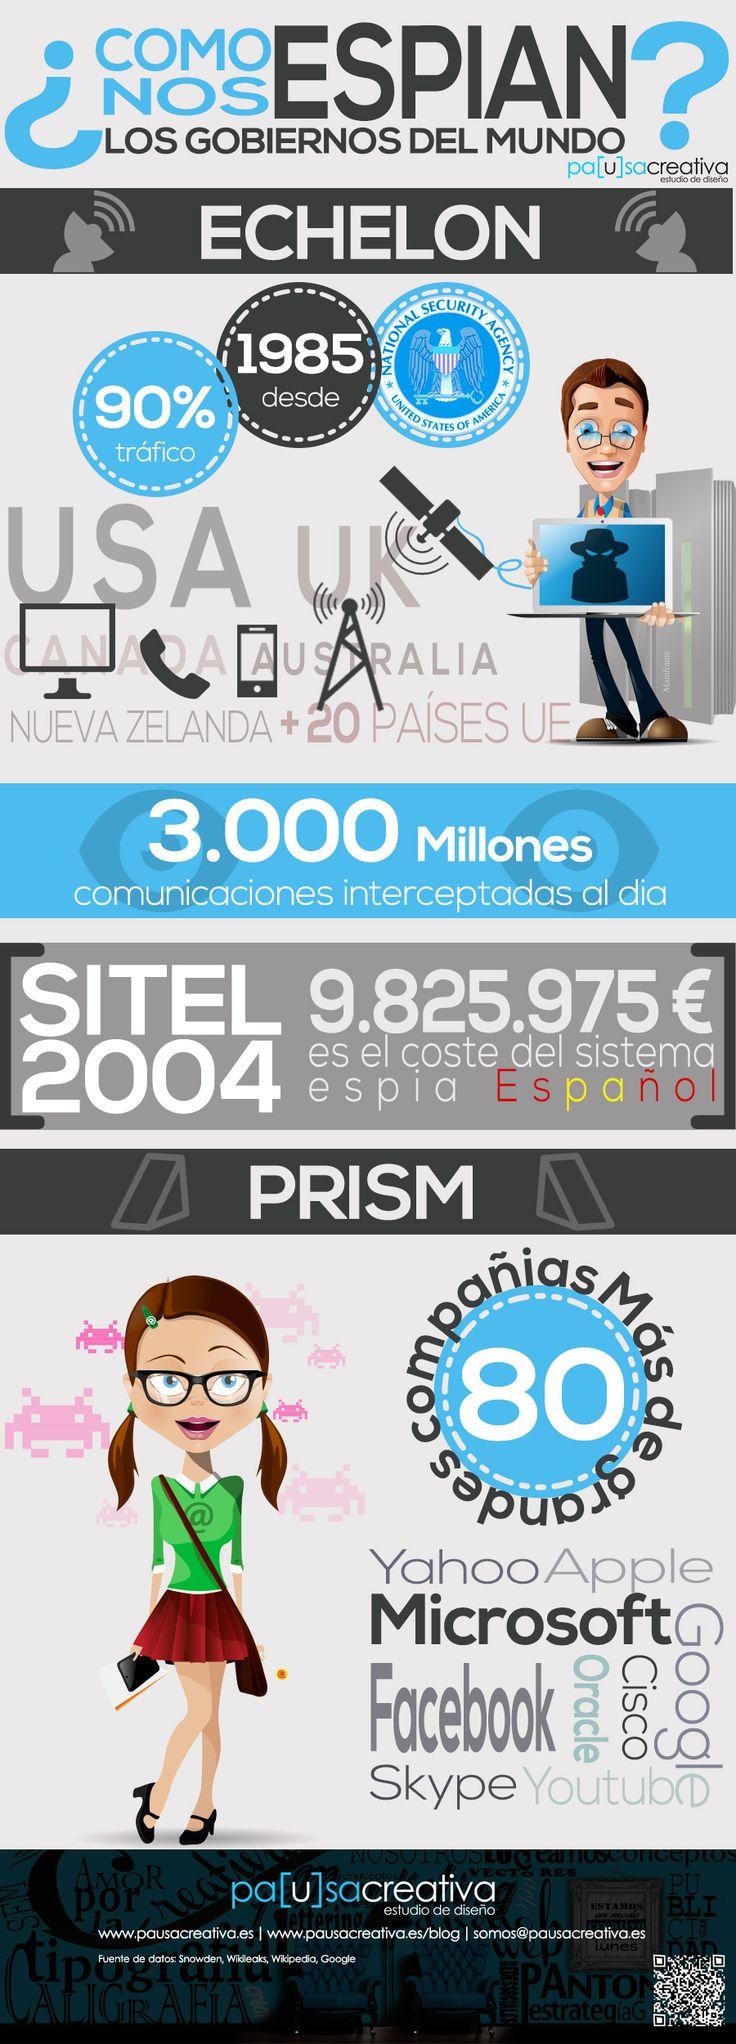 #INFOGRAFIA ¿COMO ESPIAN LOS GOBIERNOS INTERNET? - PAUSA CREATIVA | BLOG